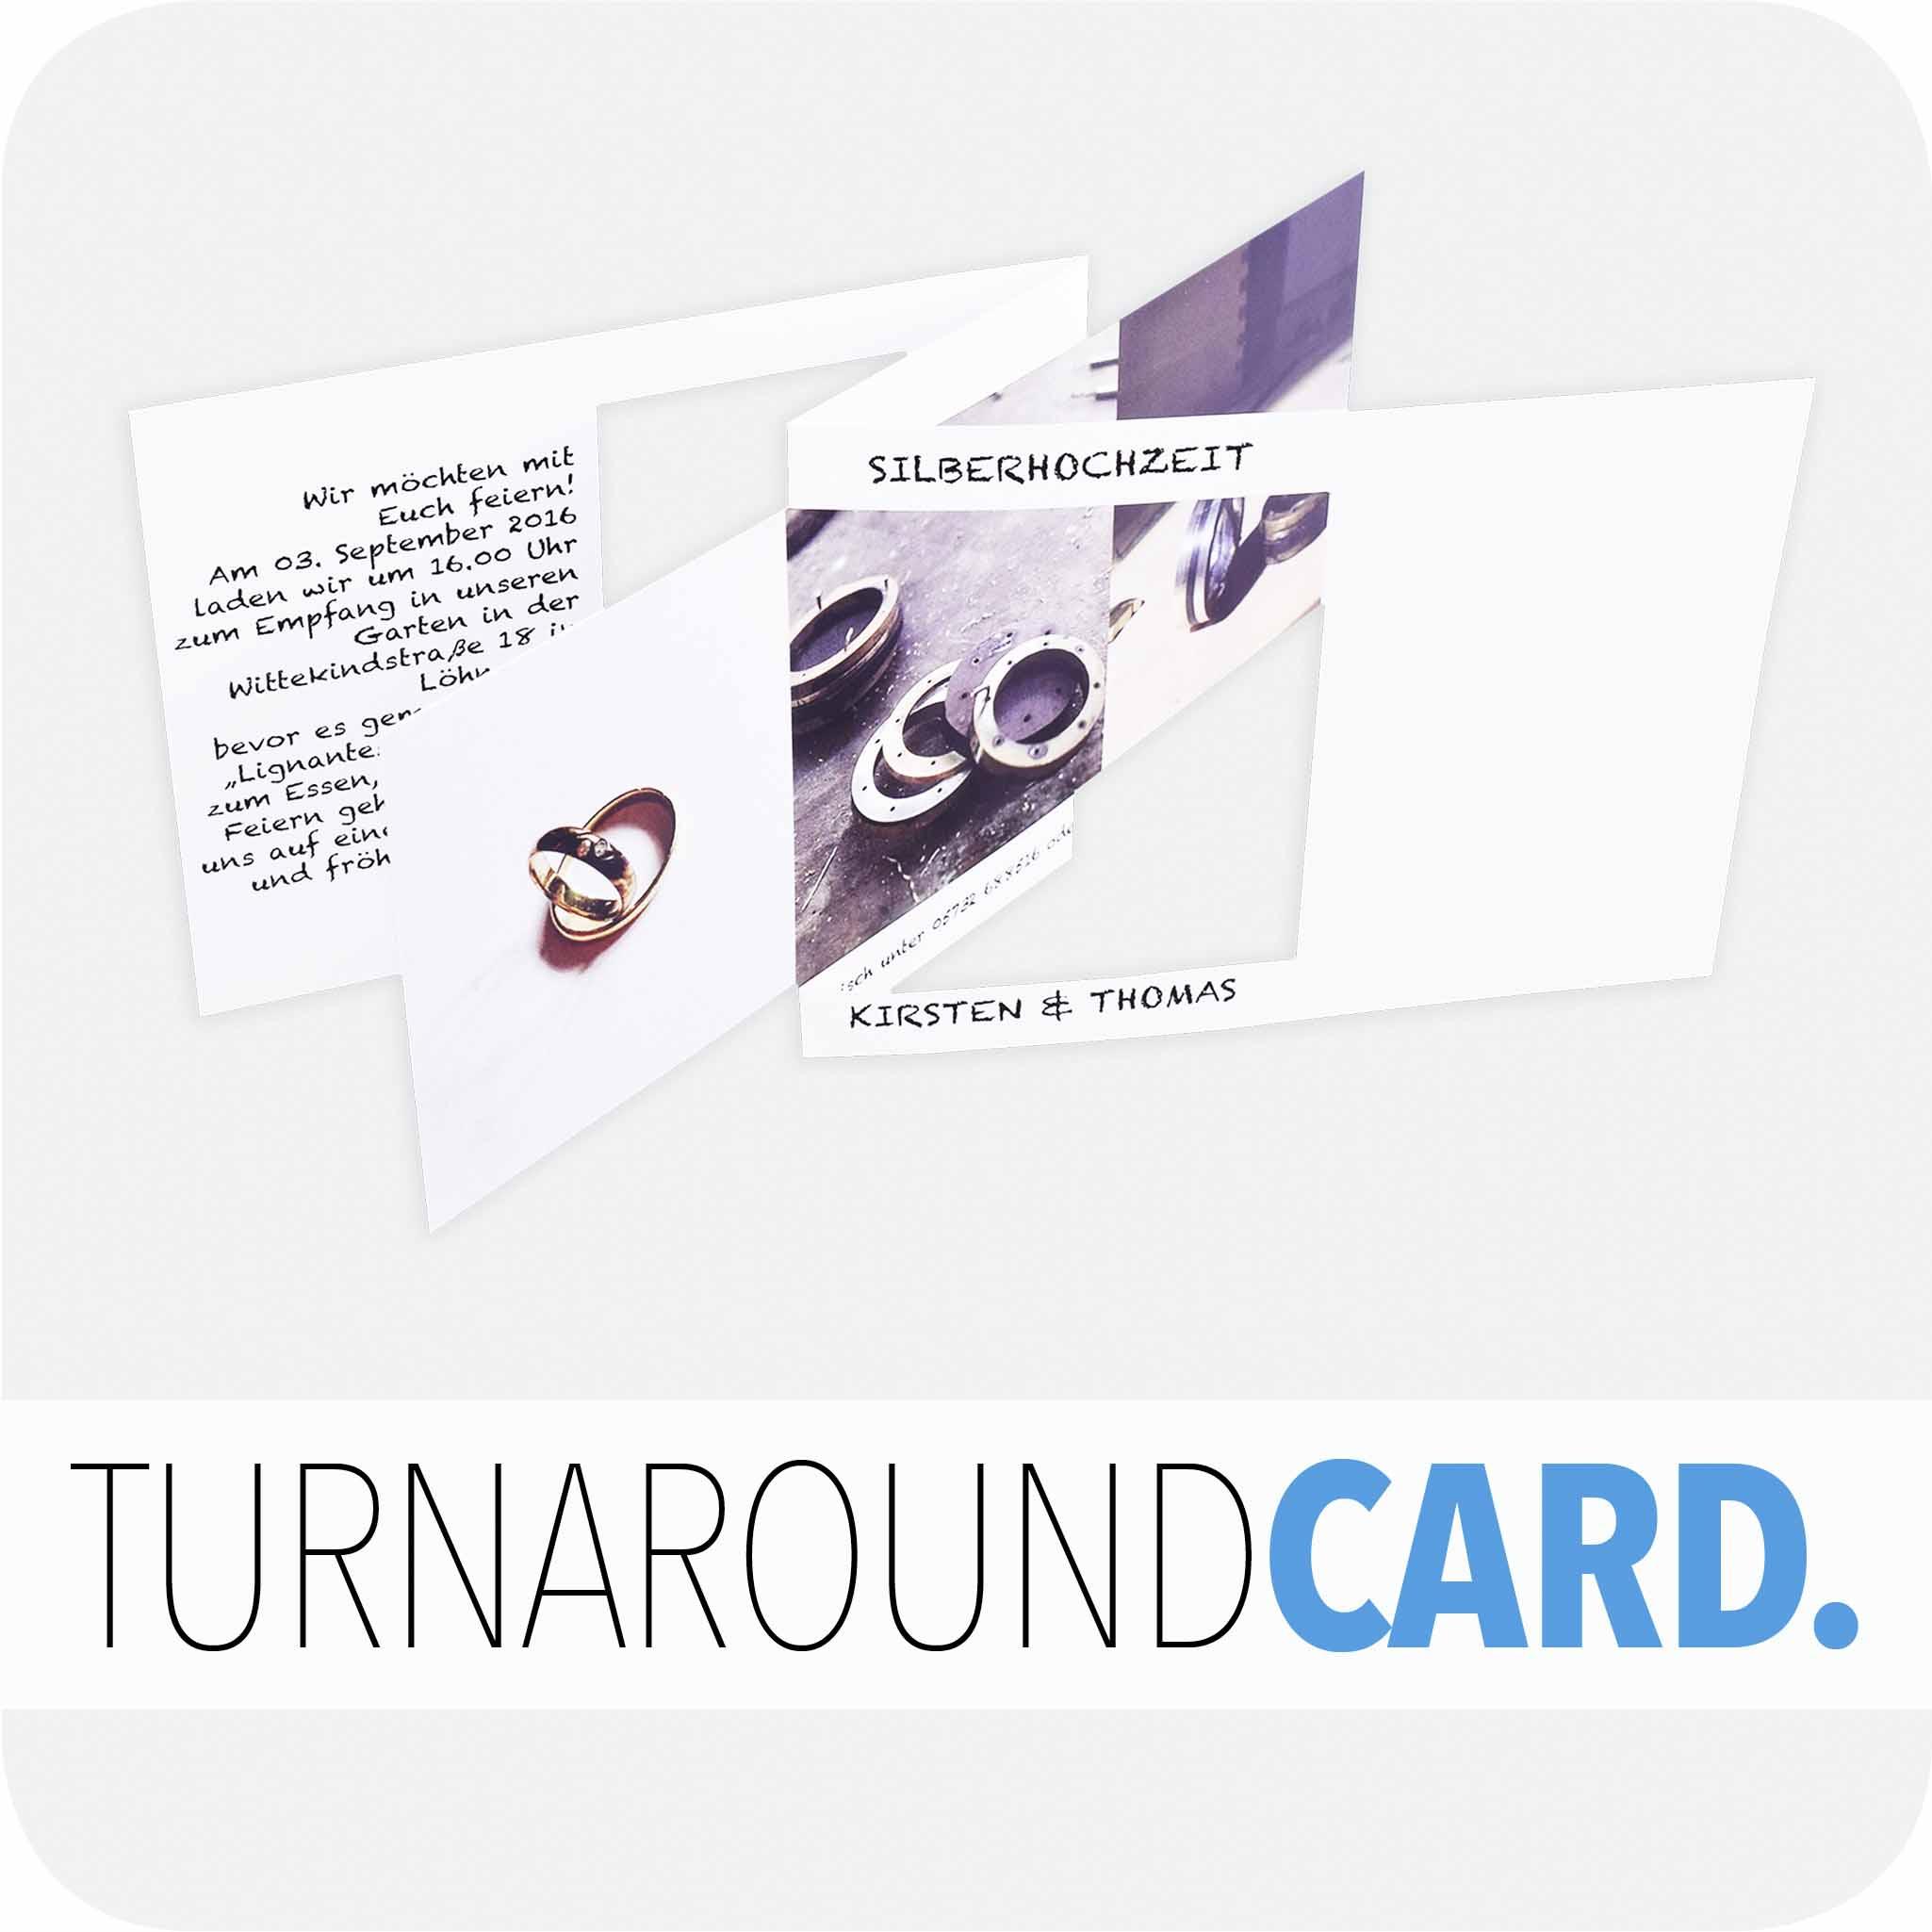 Turnaround card